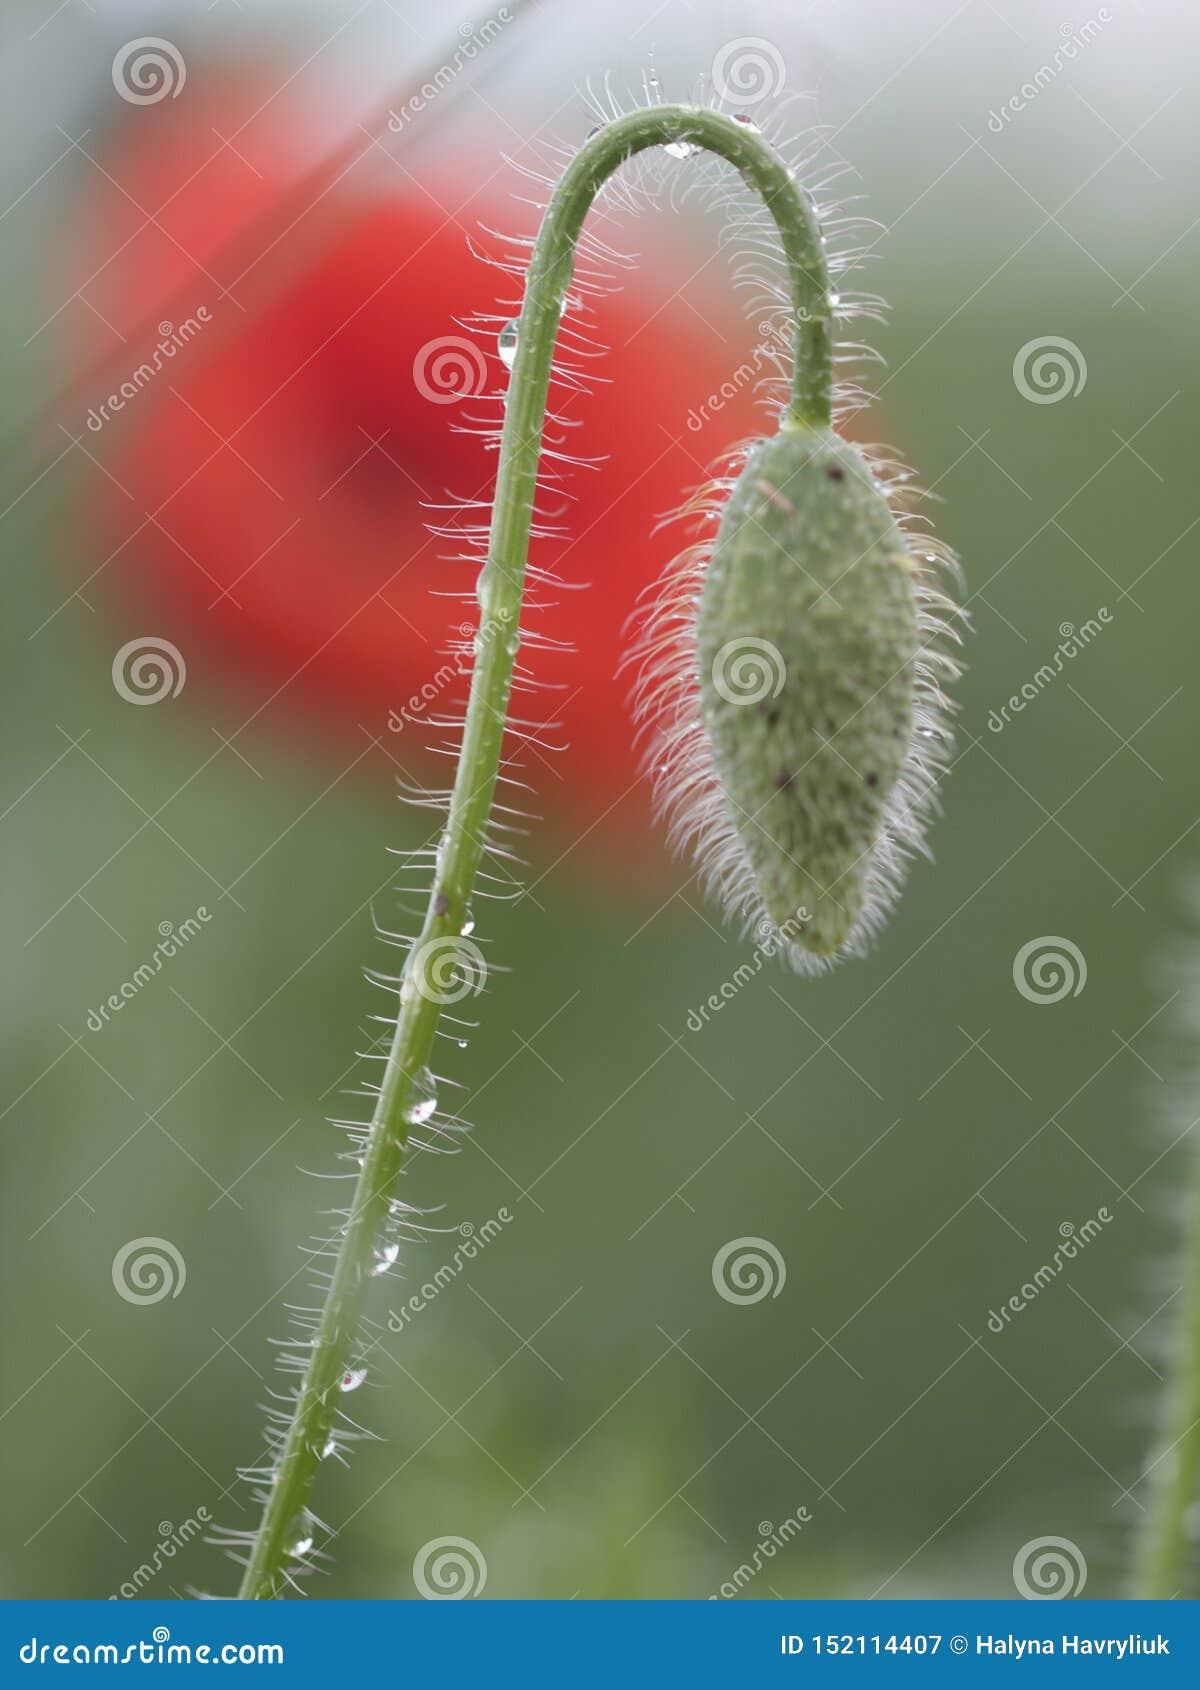 Trädgård vallmo, gräsplan, bakgrund, natur, vår, växt som är ny, closeup som är naturlig, säsong, knopp som är blom-, dagg, flora